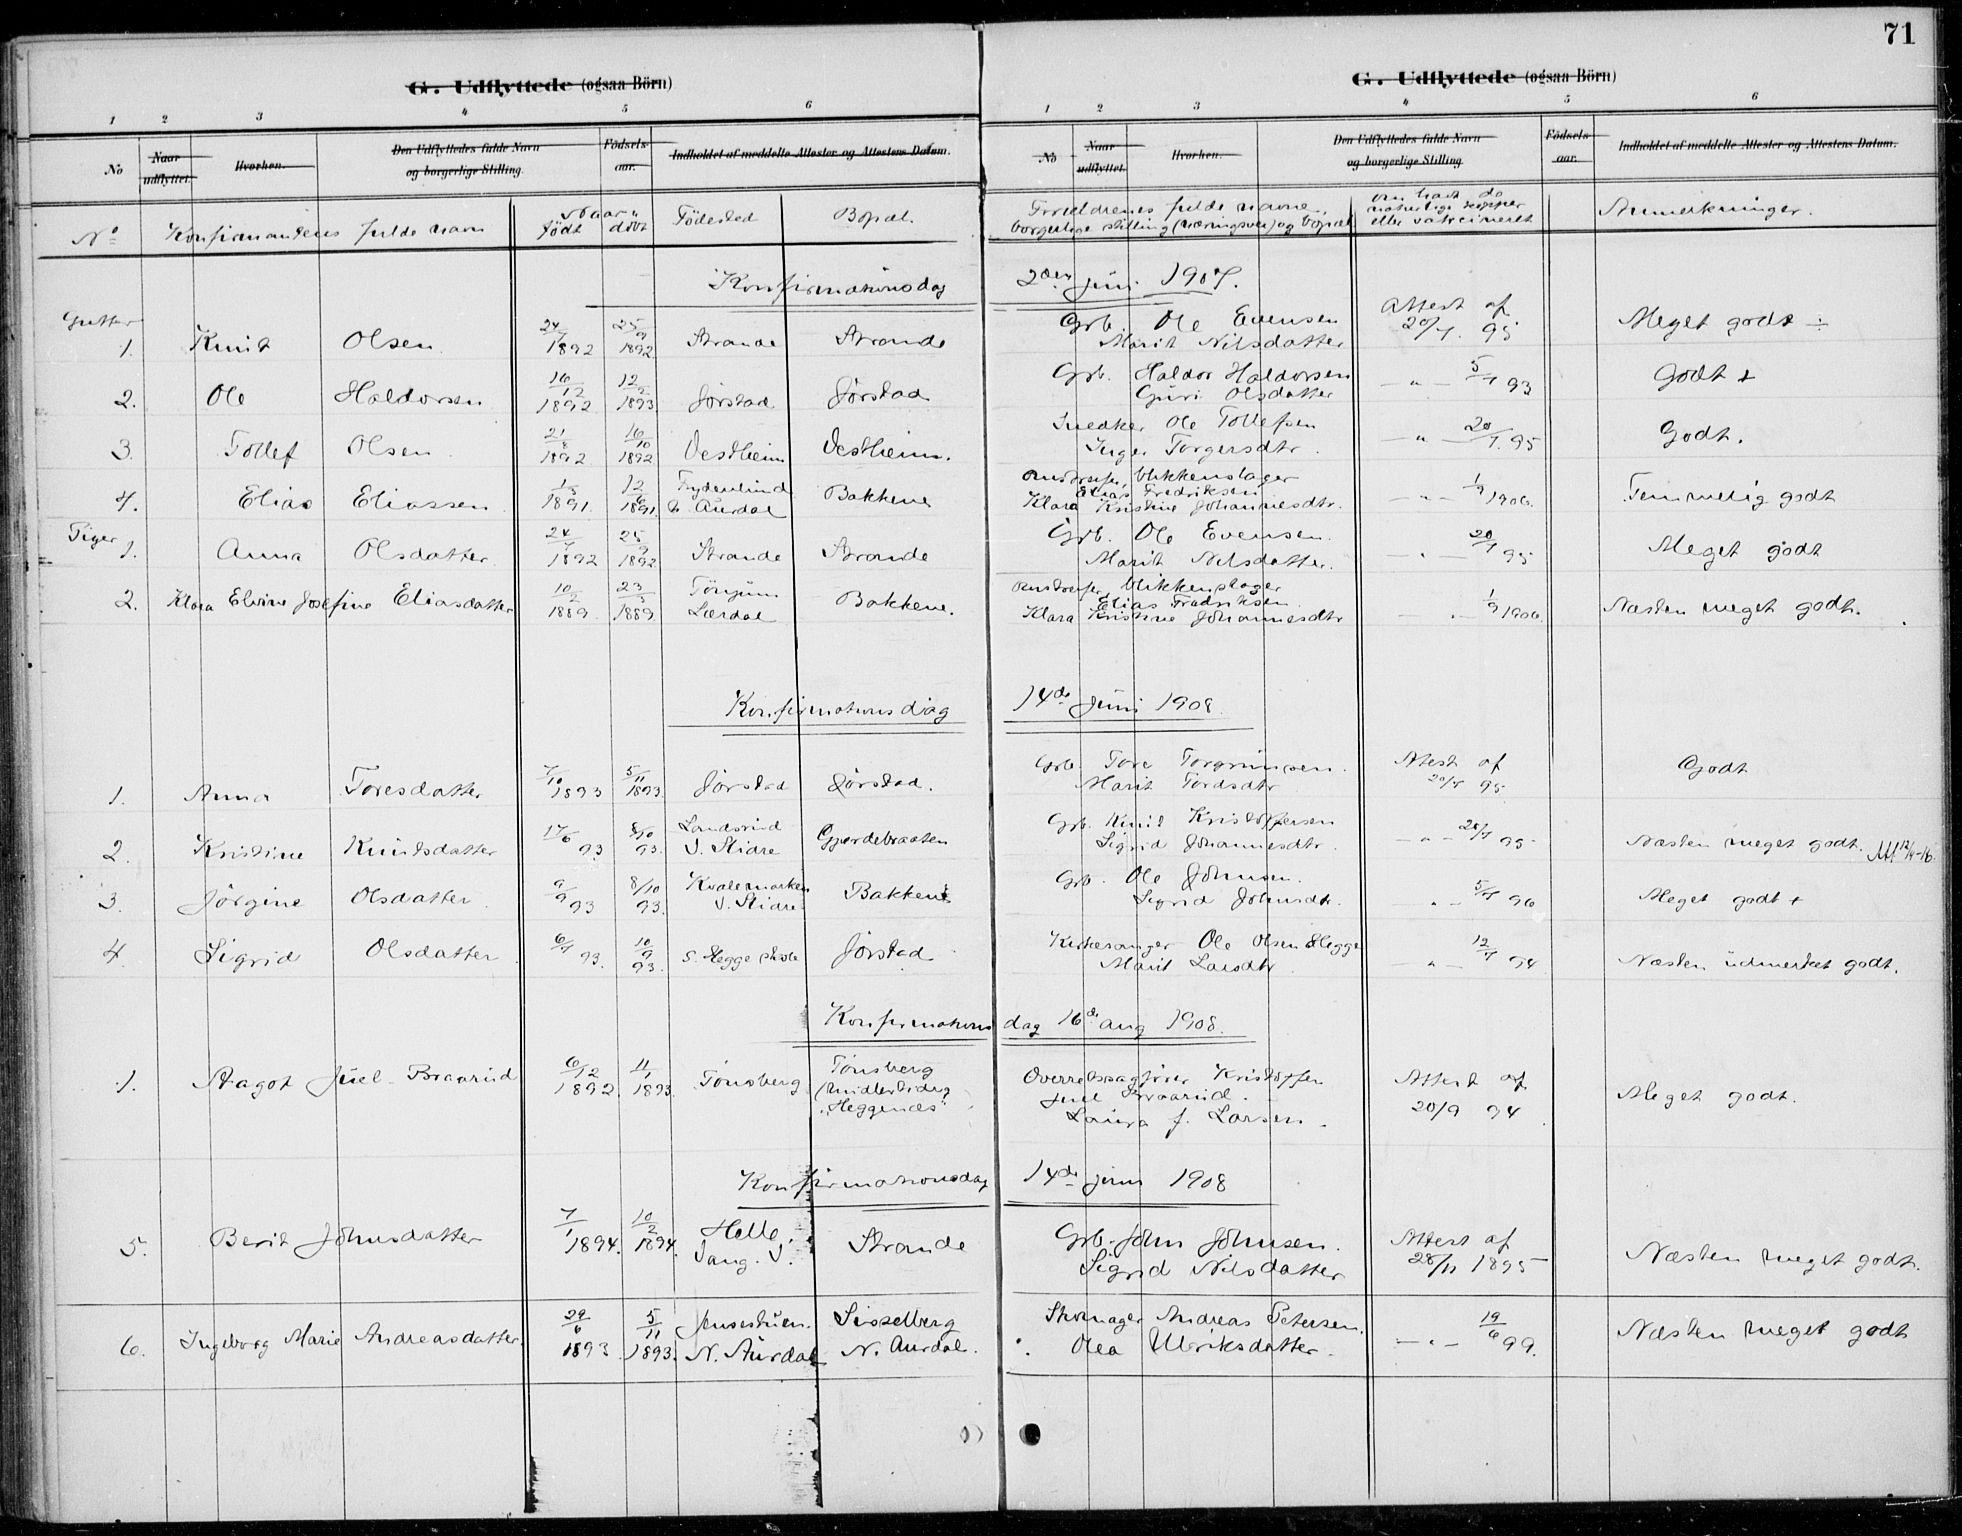 SAH, Øystre Slidre prestekontor, Ministerialbok nr. 5, 1887-1916, s. 71